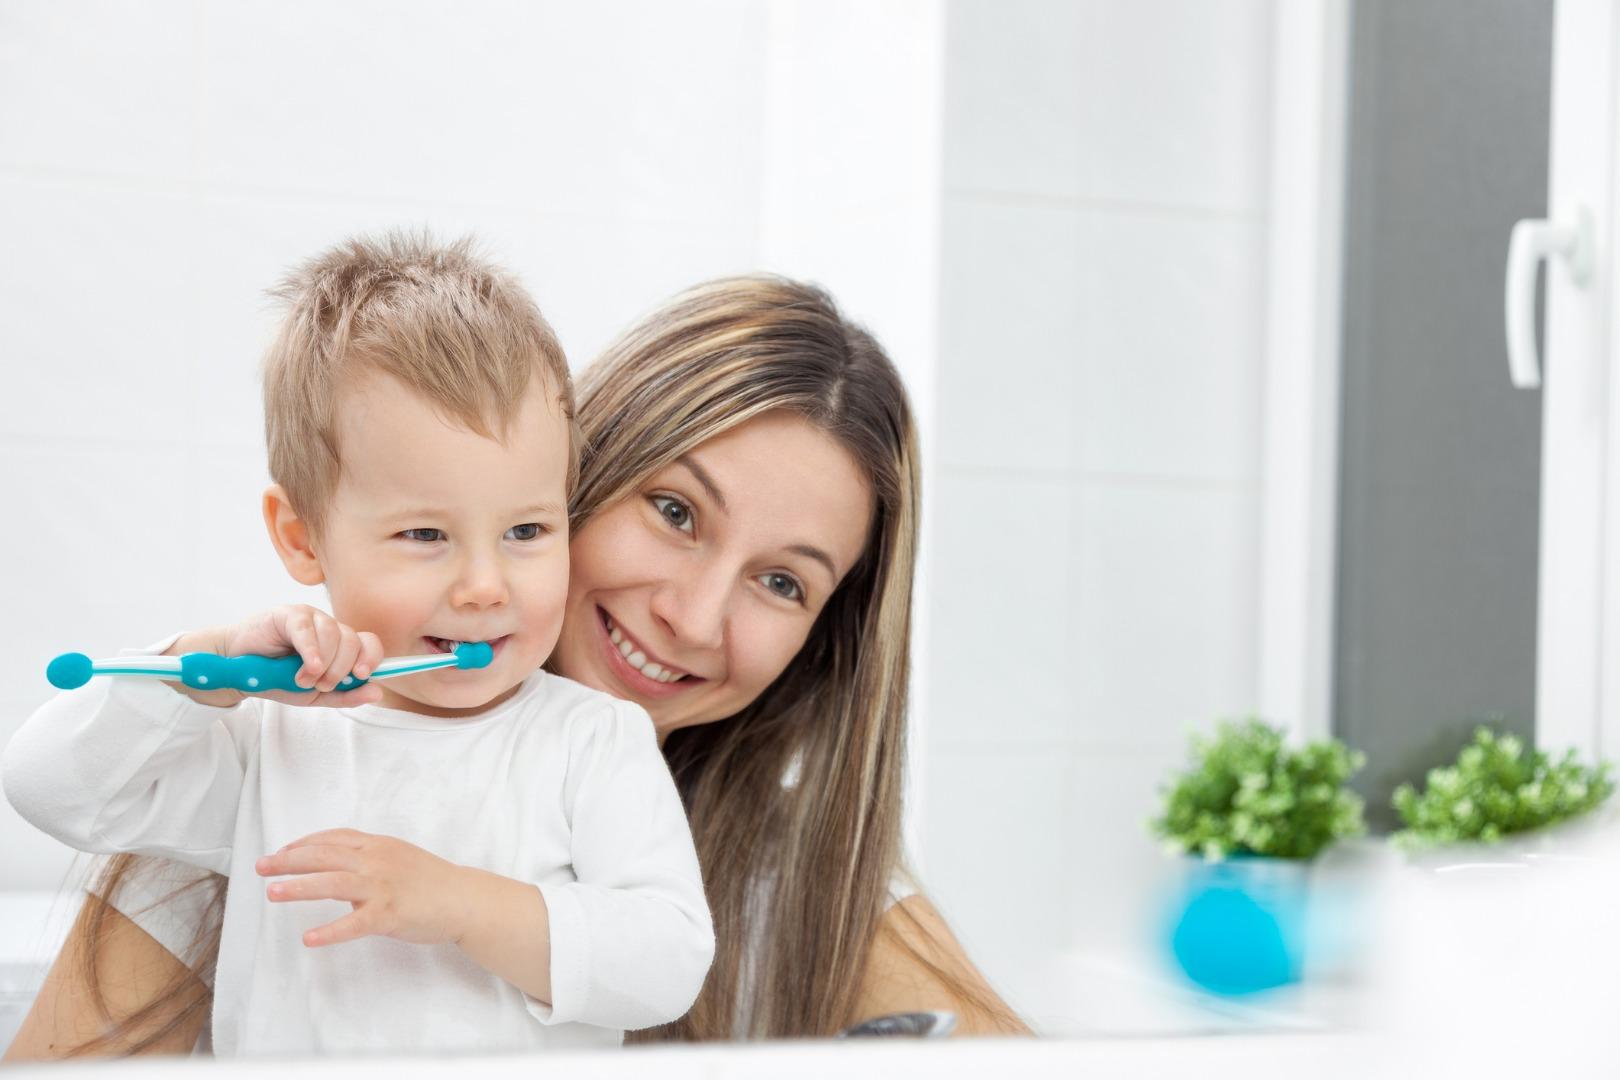 12 родительских хитростей: умыть, накормить и уложить